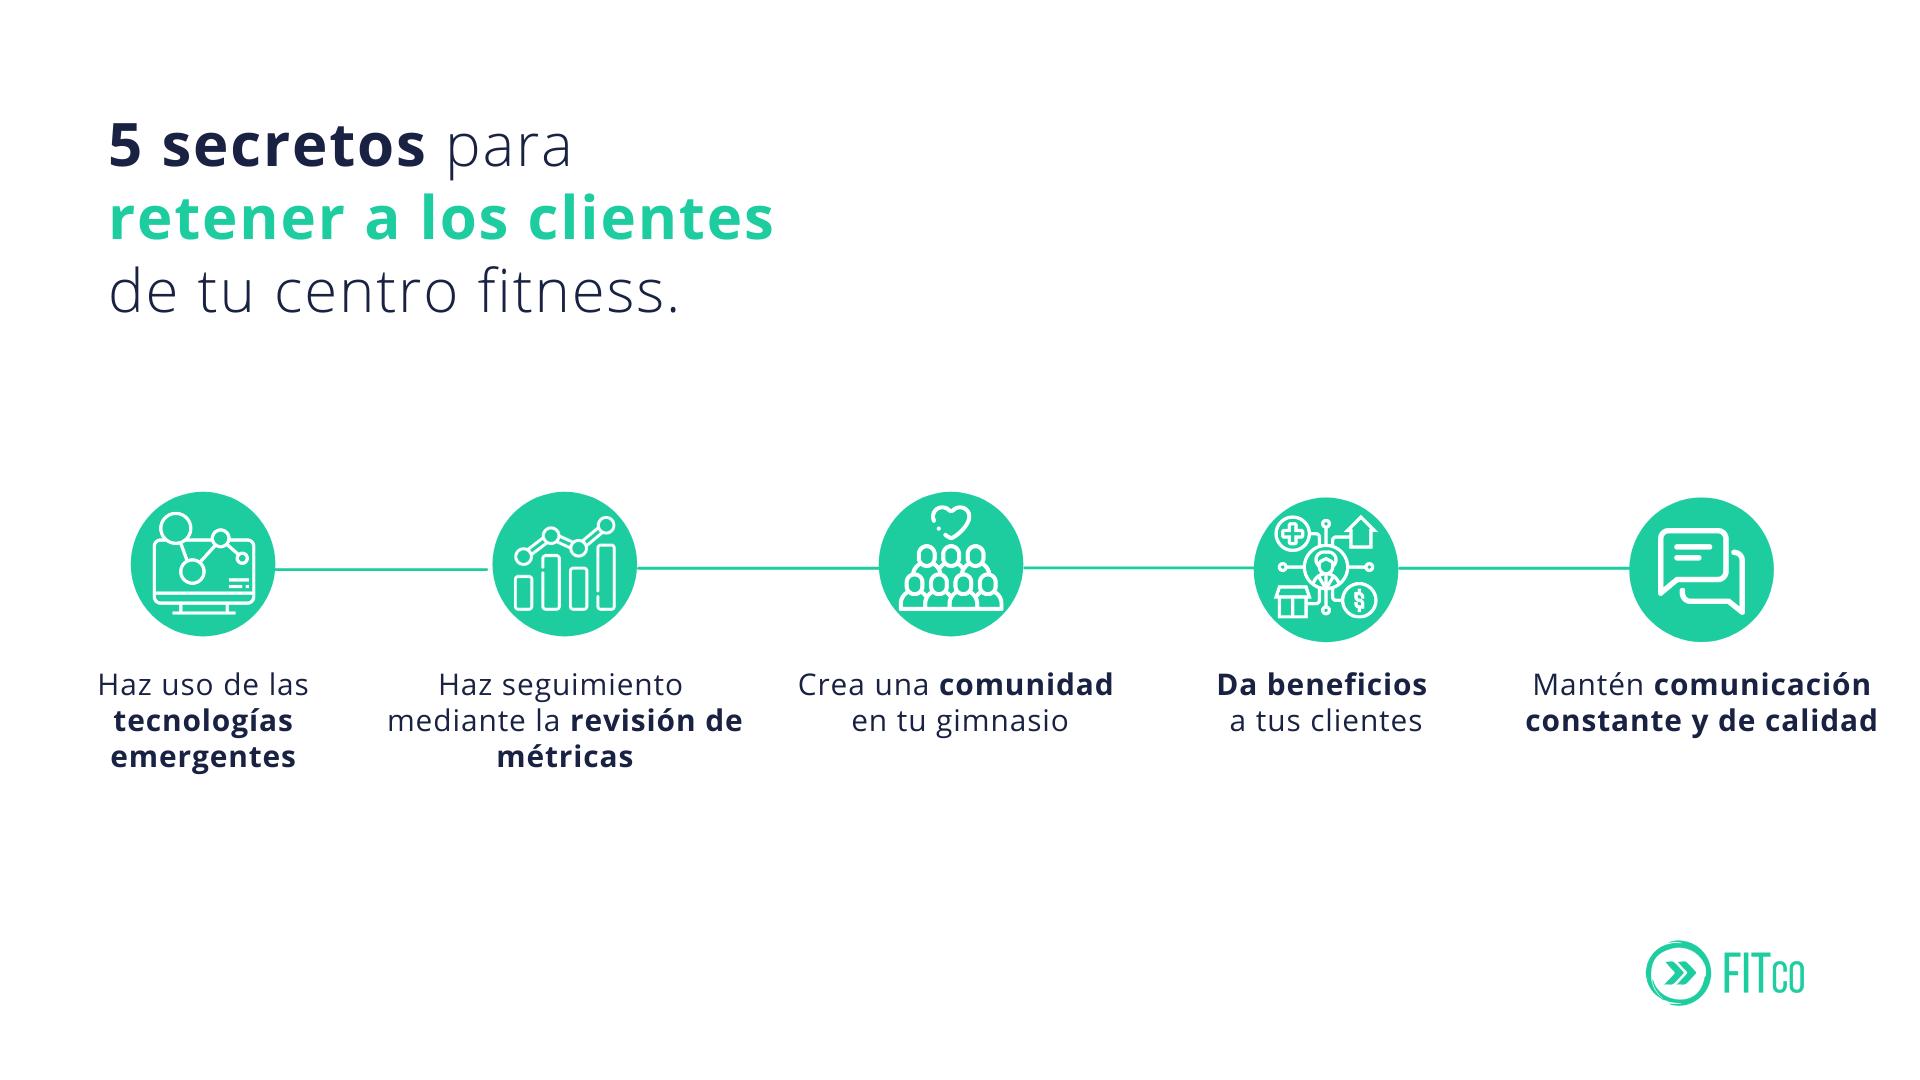 5 secretos para retener a los clientes de tu centro fitness